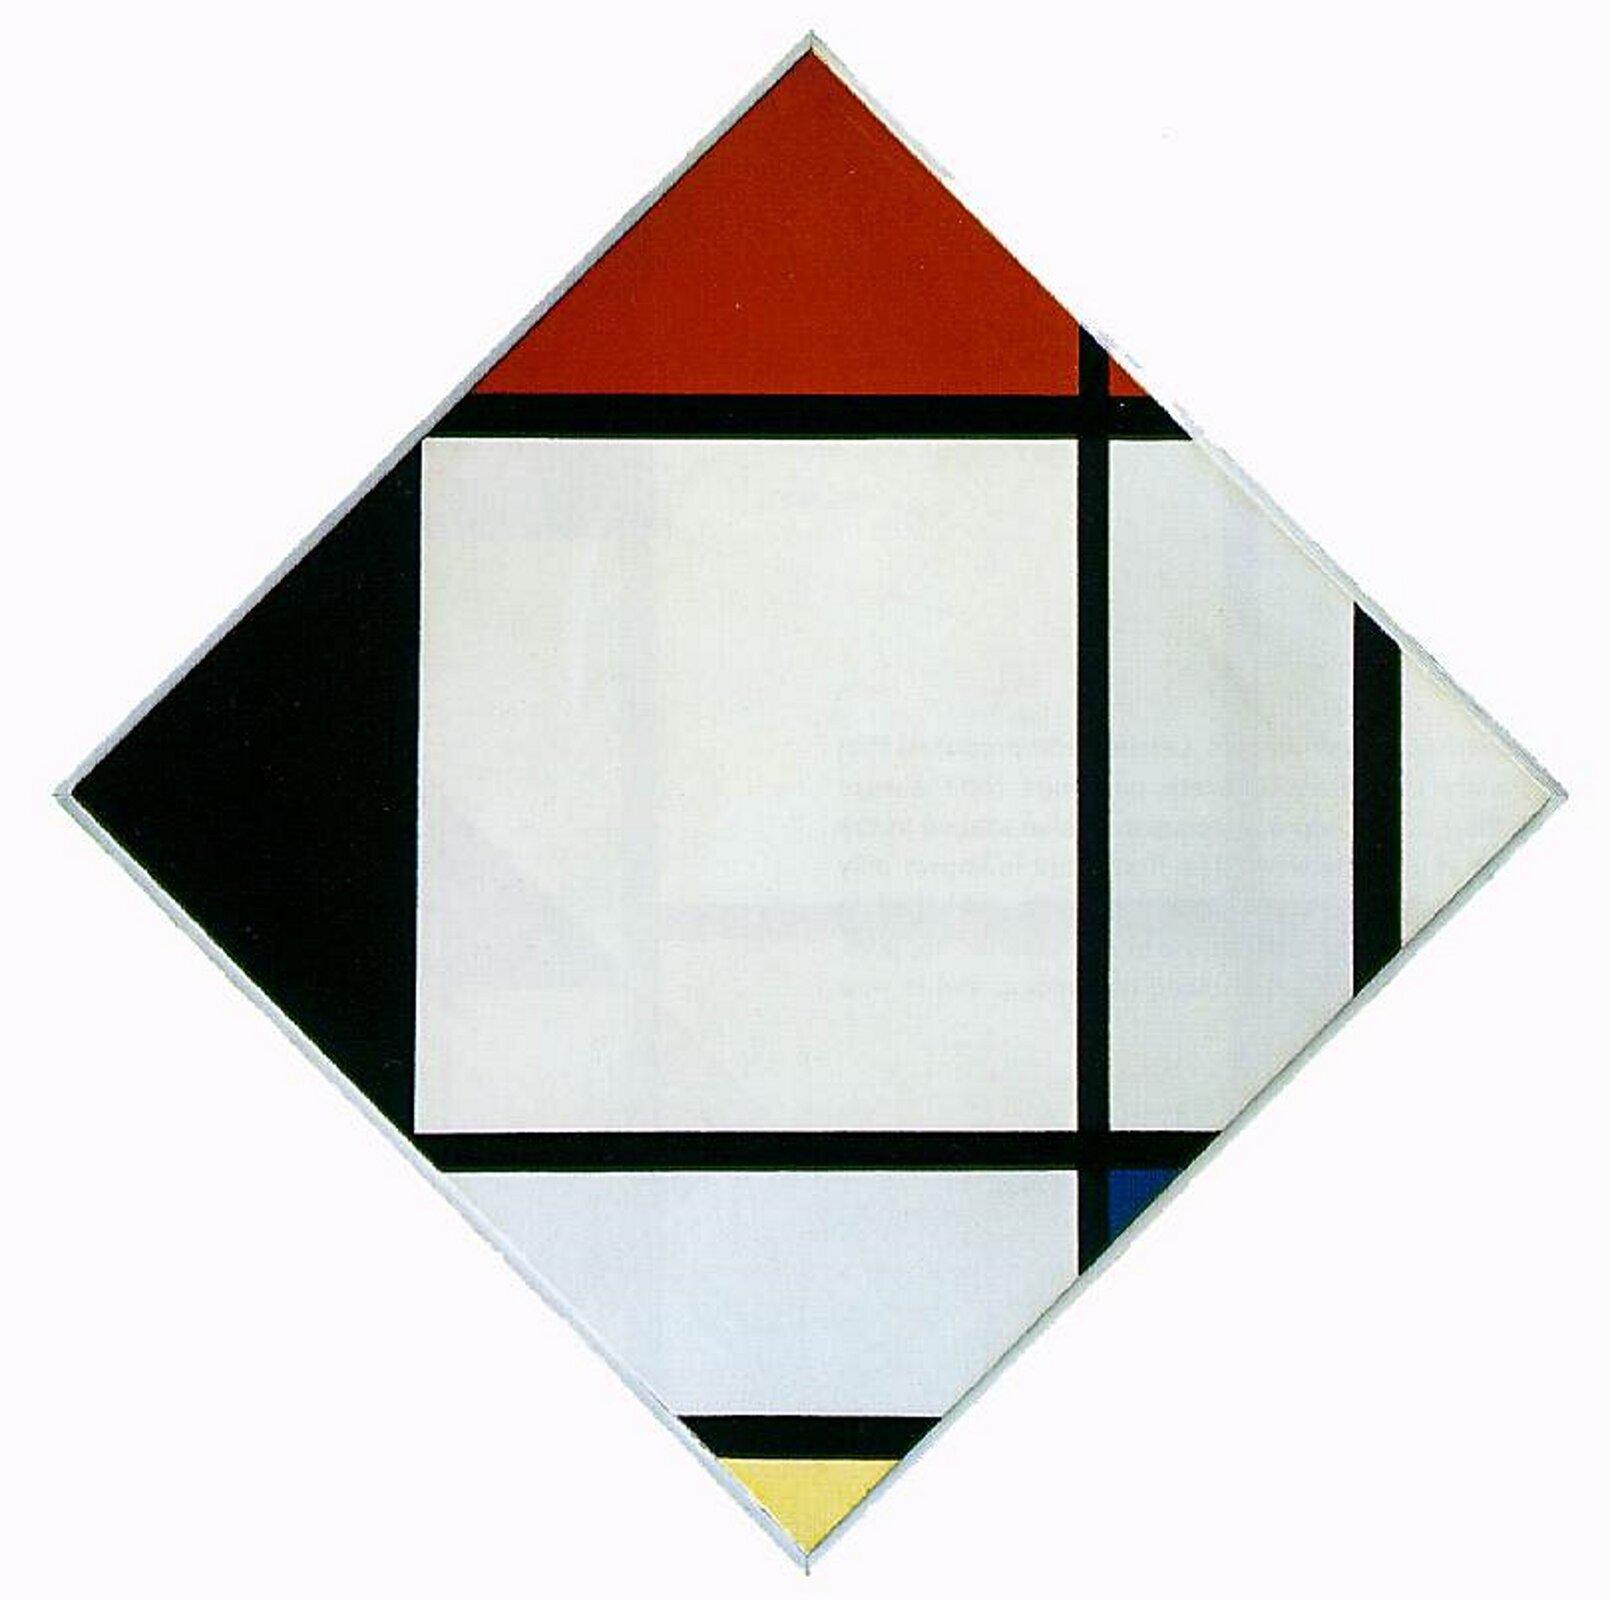 """Ilustracja przedstawia obraz Pieta Mondriana pt. """"Rombowa kompozycja zczerwonym, czarnym, niebieskim iżółtym"""". Ukazuje on czarne pionowe ipoziome linie tworzące romb. Wewnątrz znajdują się kolorowe trójkąty."""